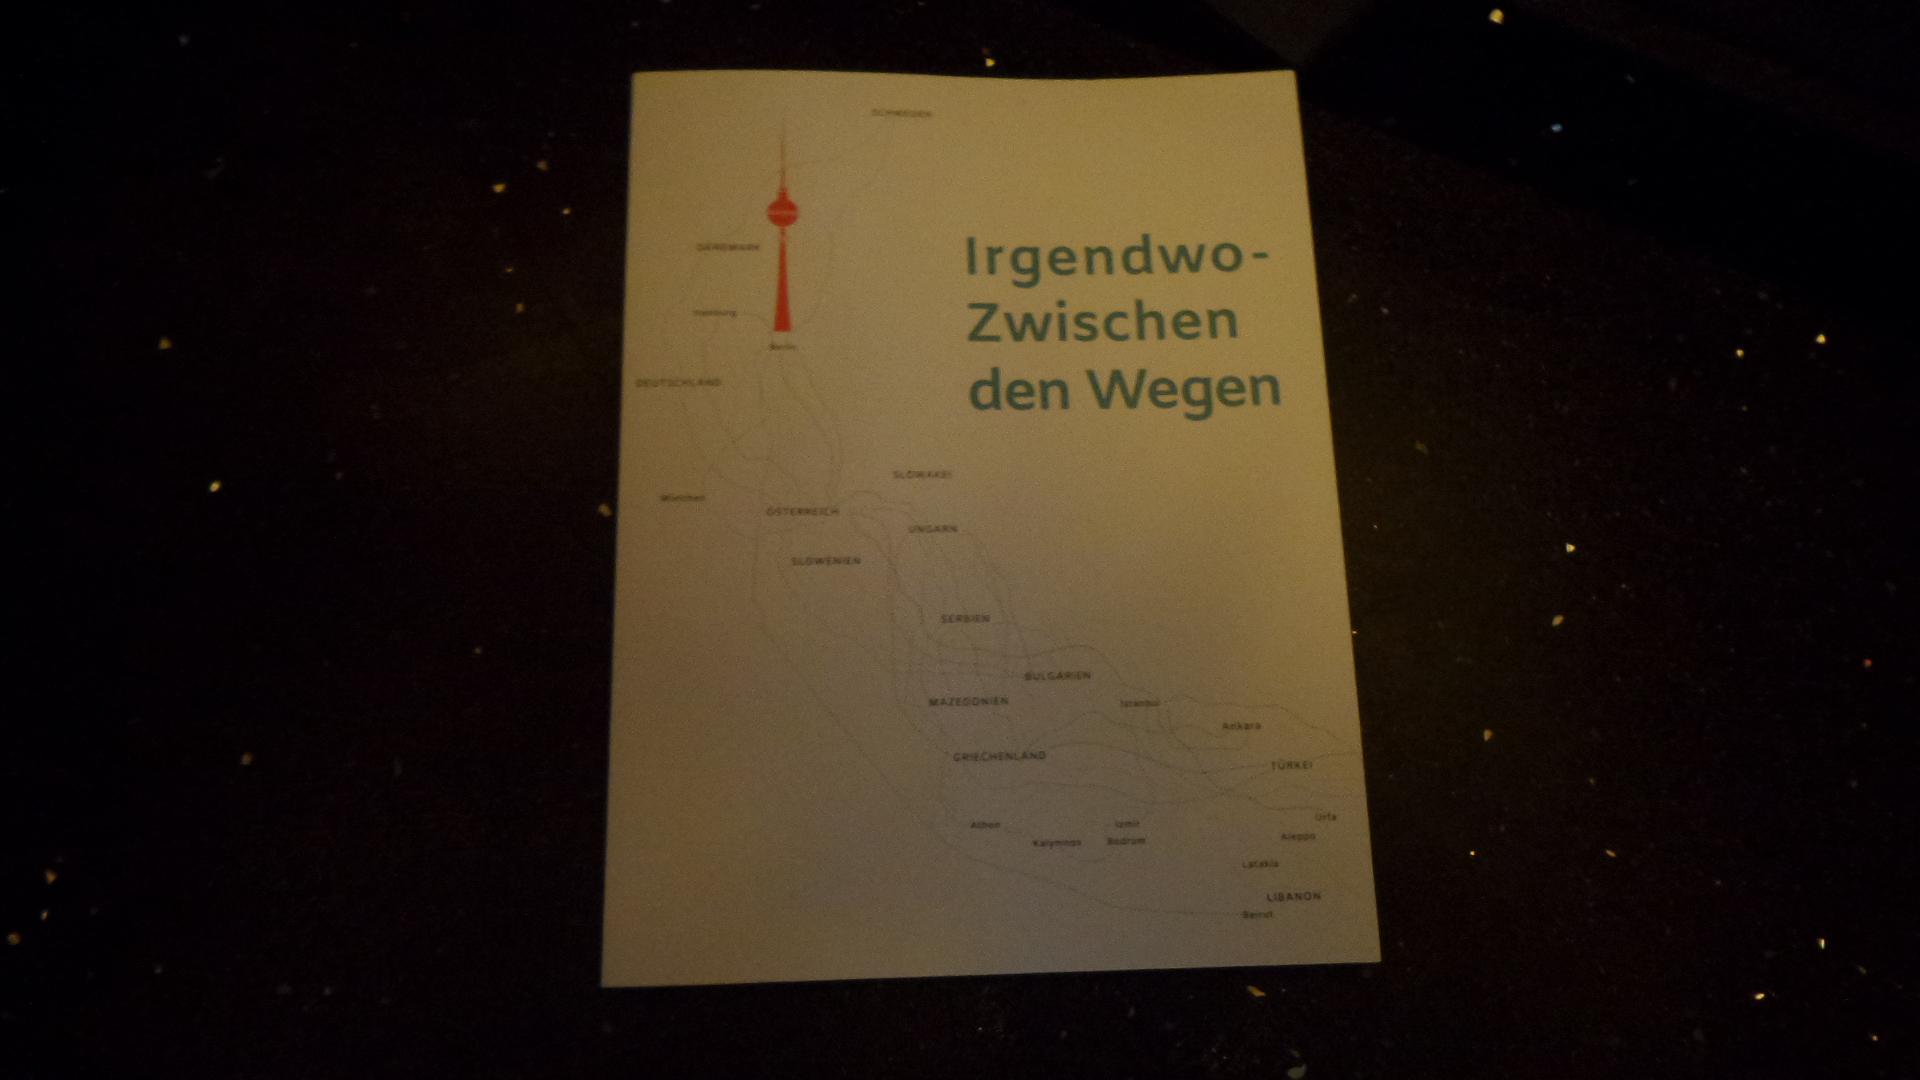 """Die Erstausgabe von """"Zwischen den Wegen"""", herausgegeben von Jennifer Herbst und Bianca Monroy (Berlin 2017)."""